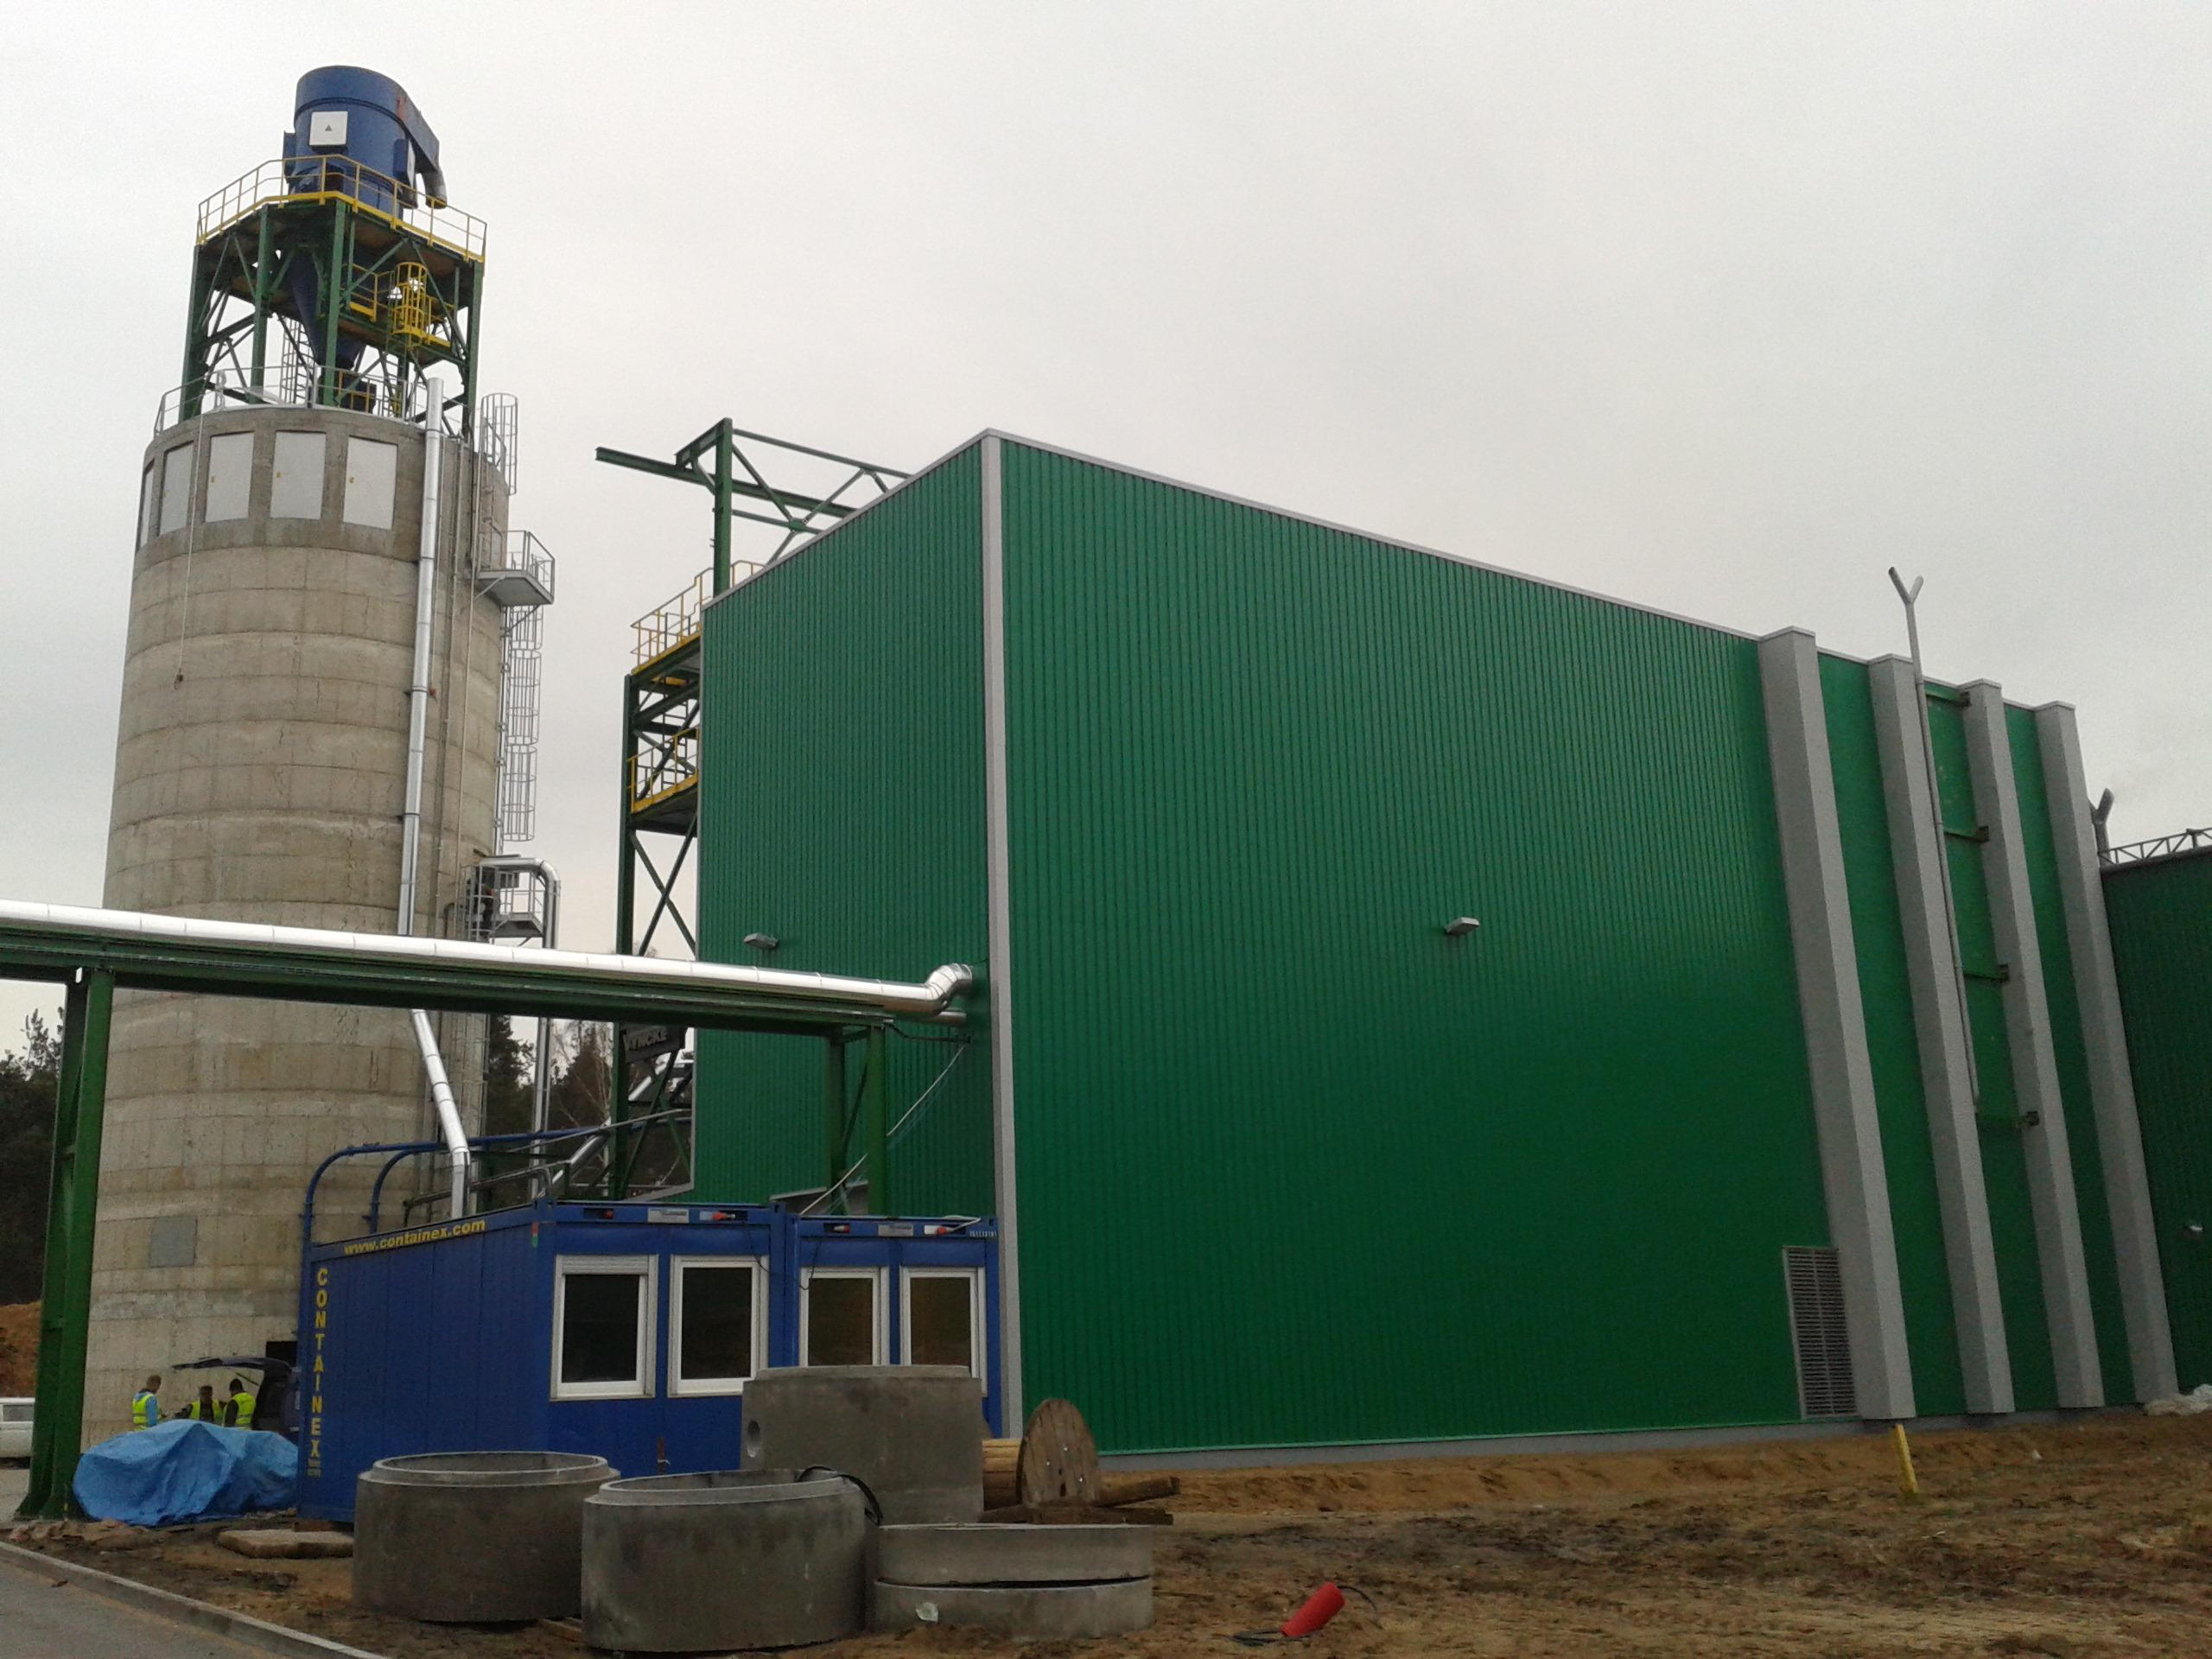 Koszt inwestycji kotłowni biomasowej wraz z całą infrastrukturą wyniósł 20 mln złotych, a została ona zrealizowana w ciągu 15 miesięcy. Fot. Steico